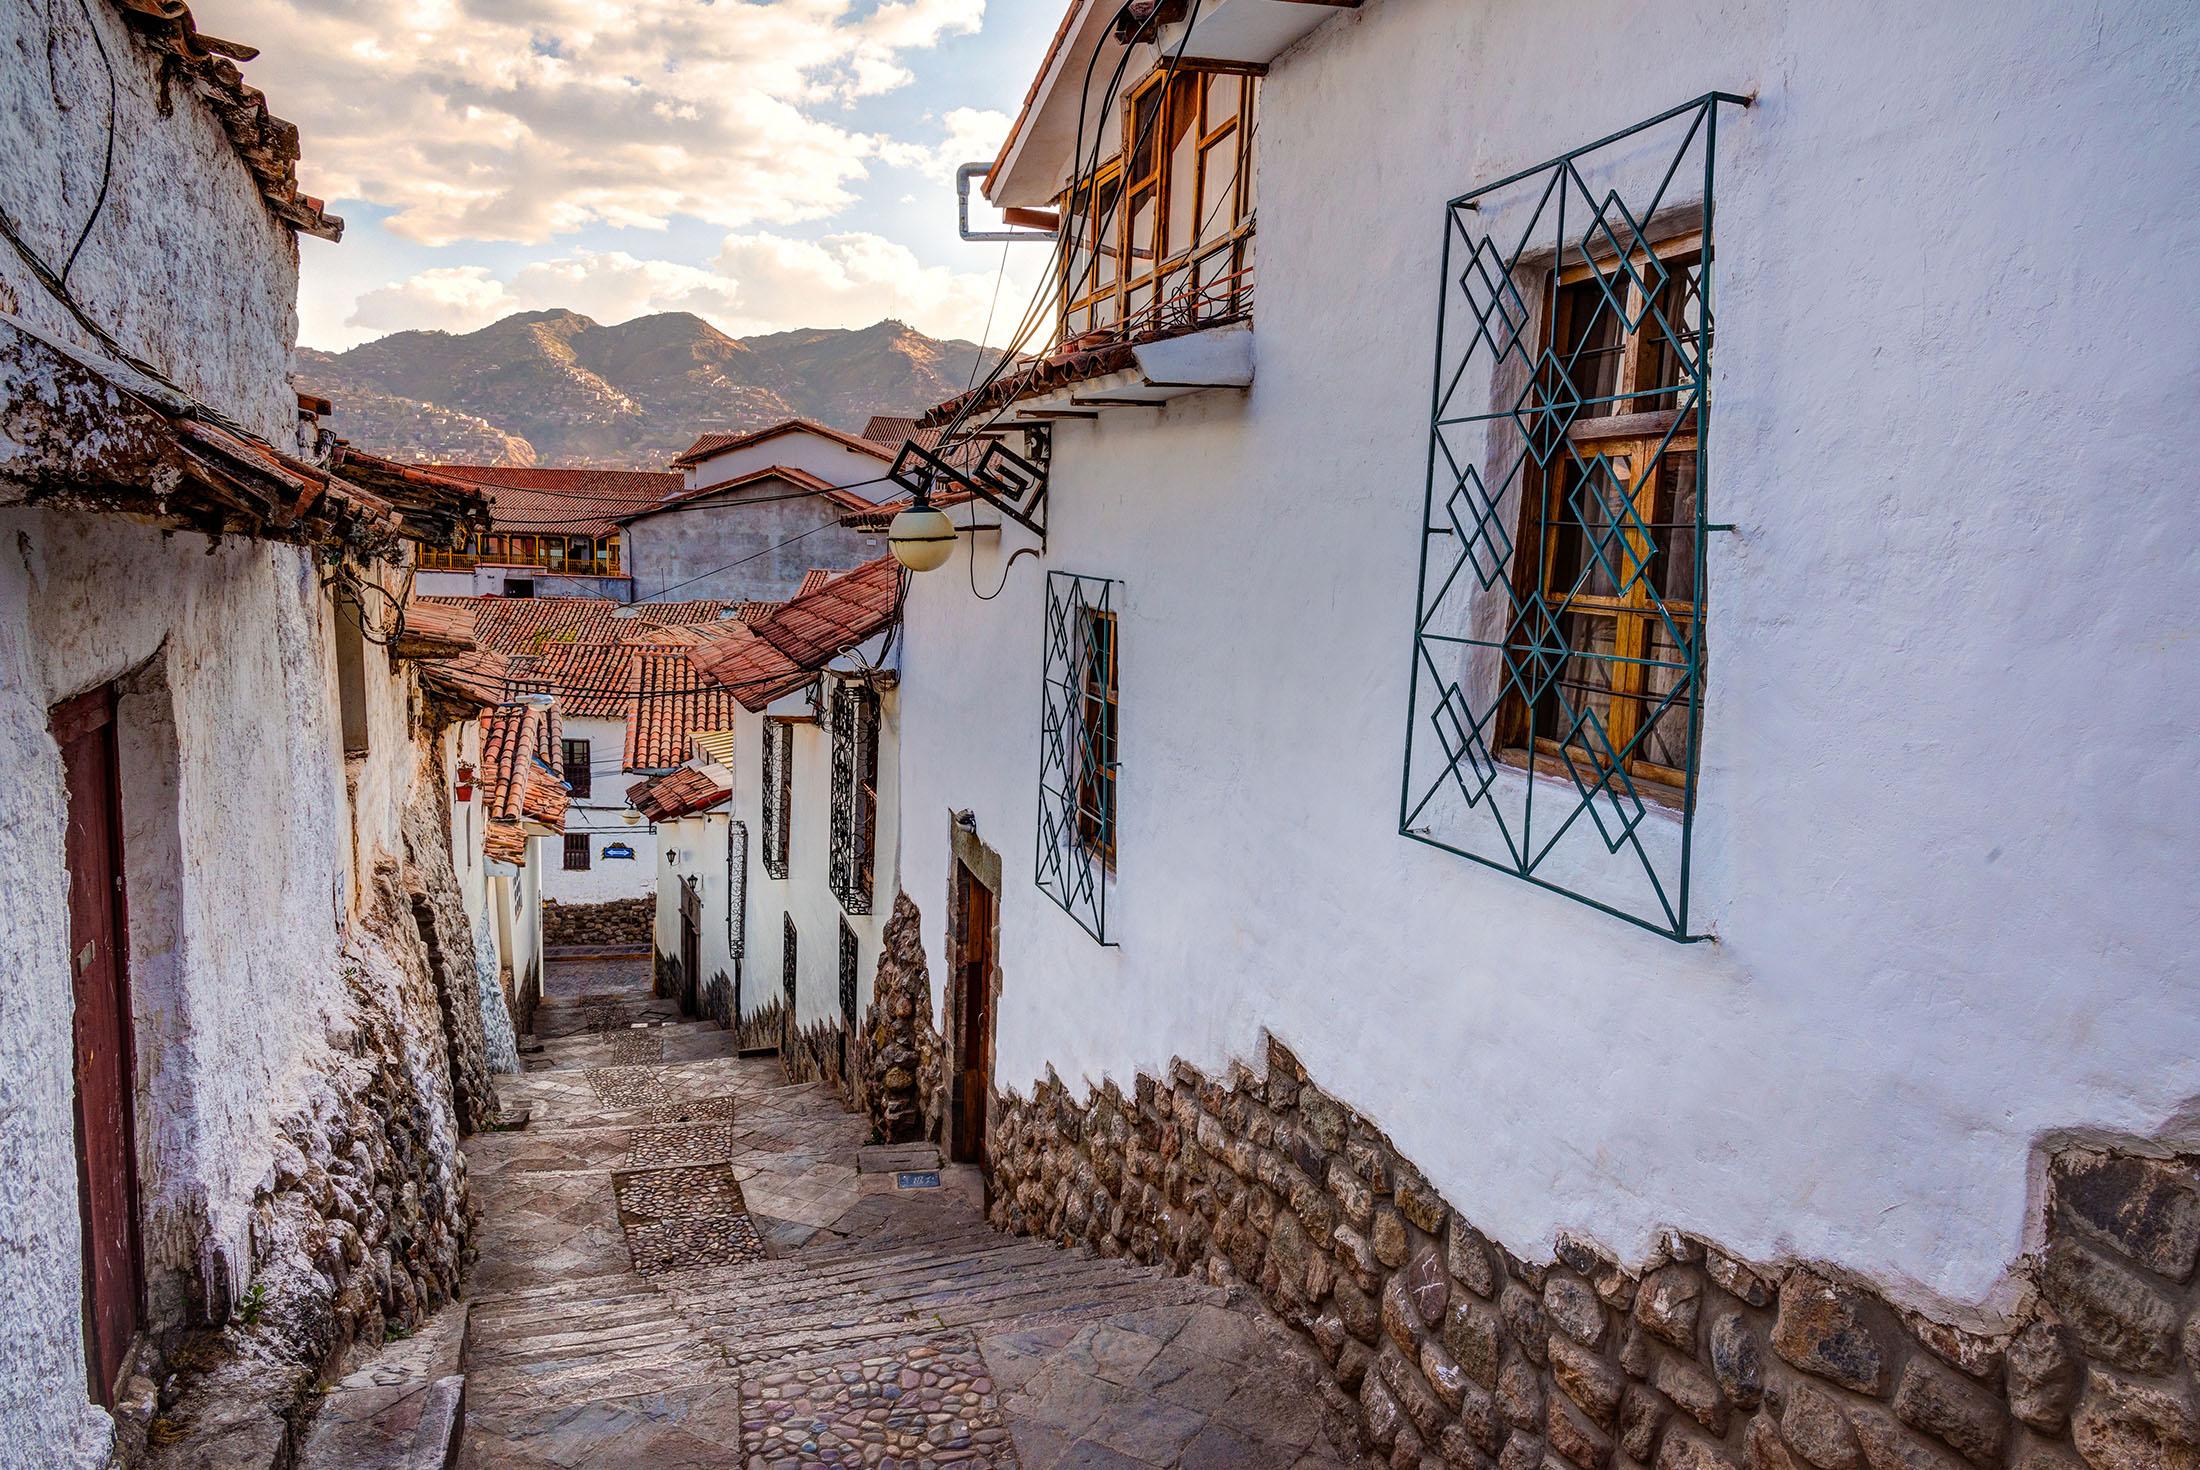 Peru: Bike, climb & hike 4